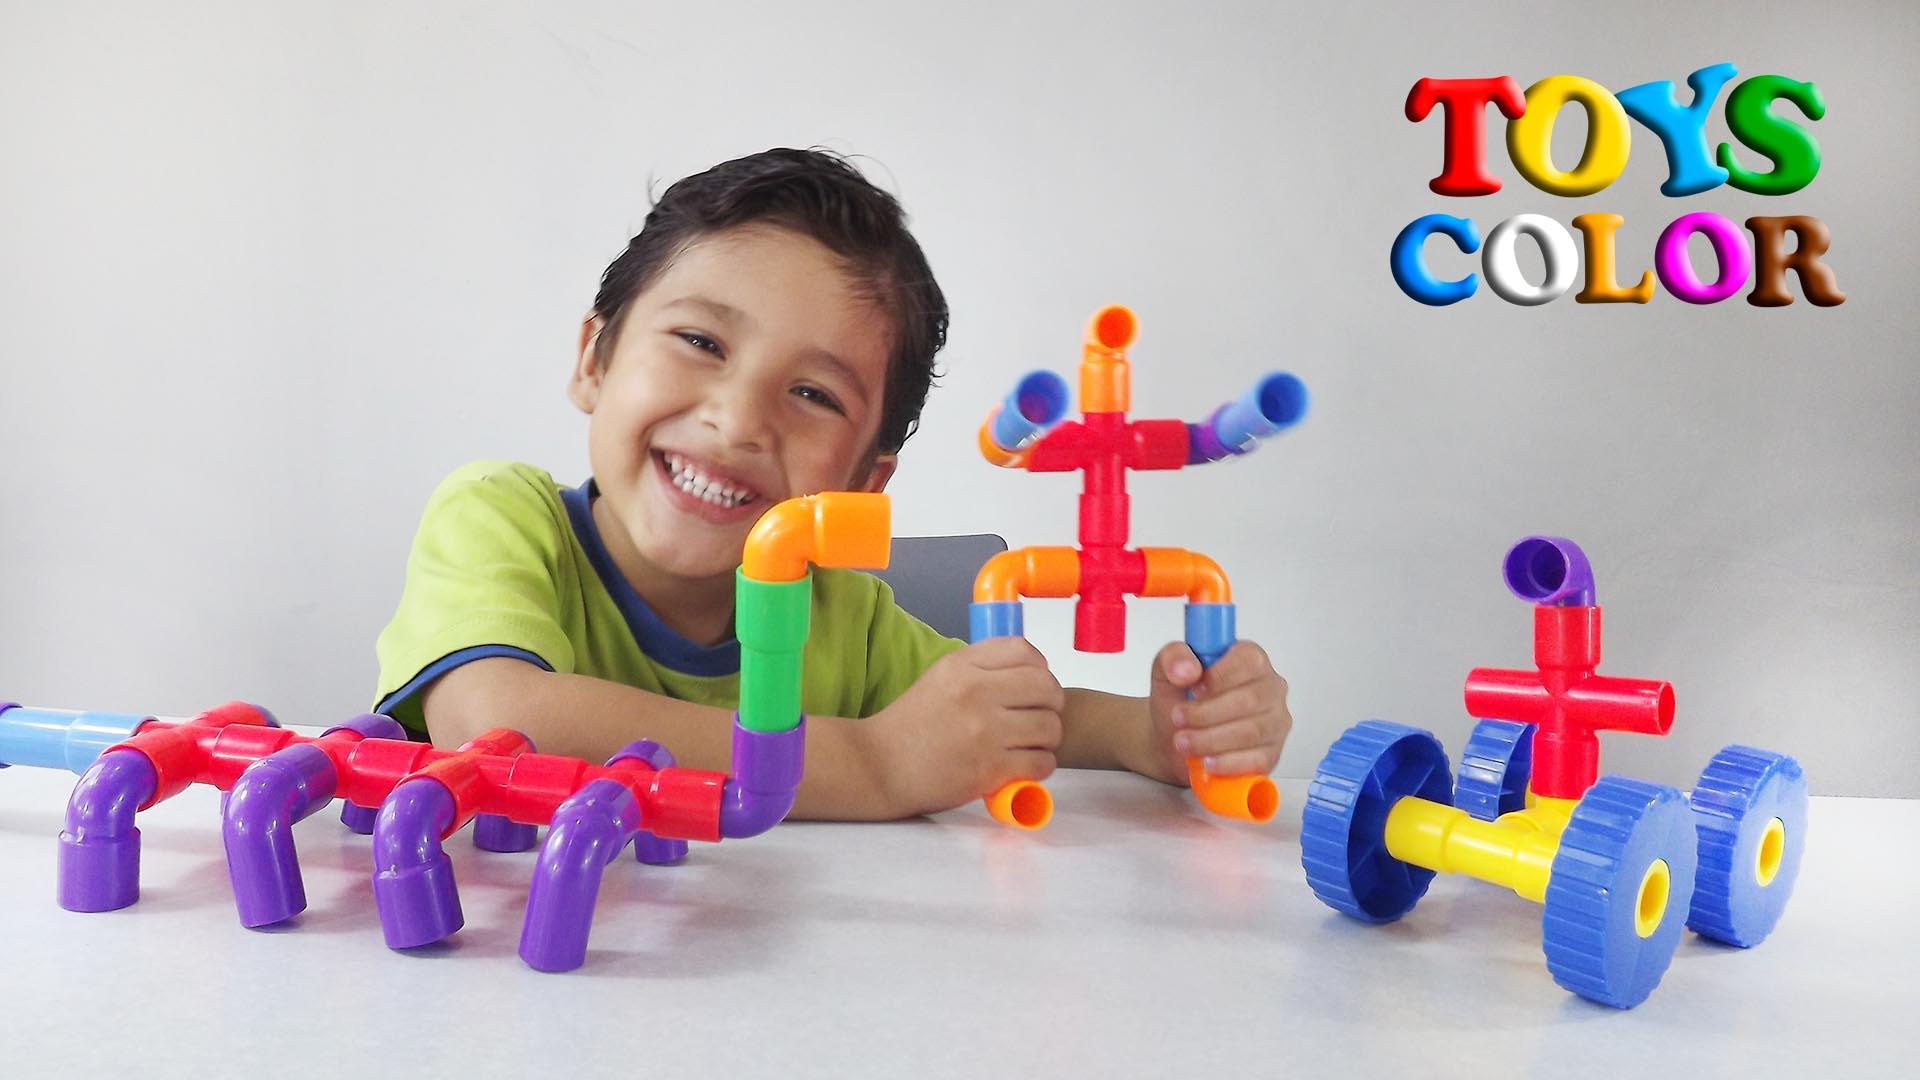 Aprender Jugando con Piezas de Colores, Aprende Jugando Niños, Aprender Colores Jugando, ToysColor